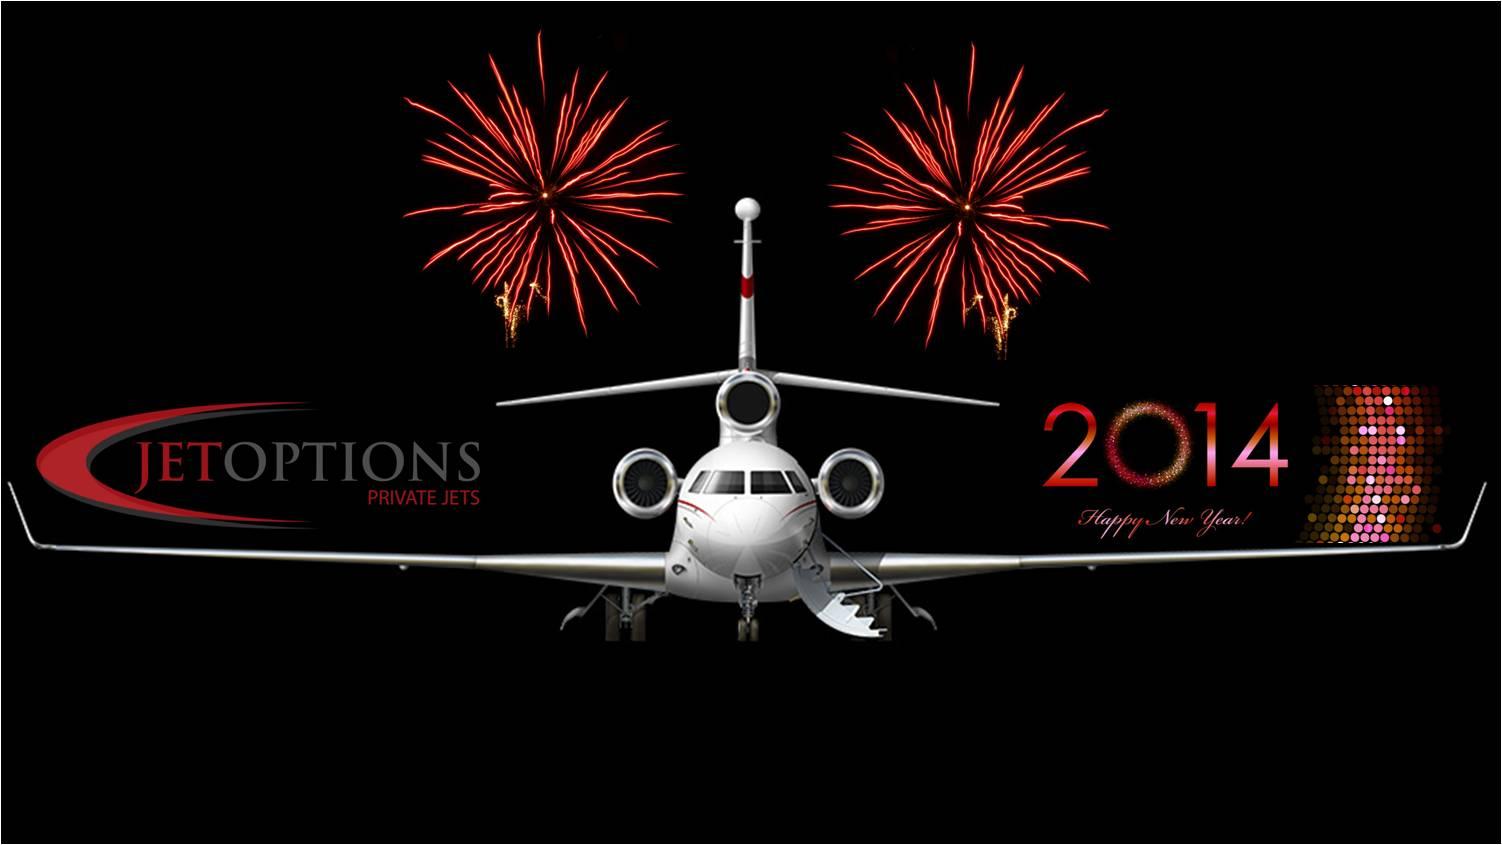 Happy New Year JetOptions 2014